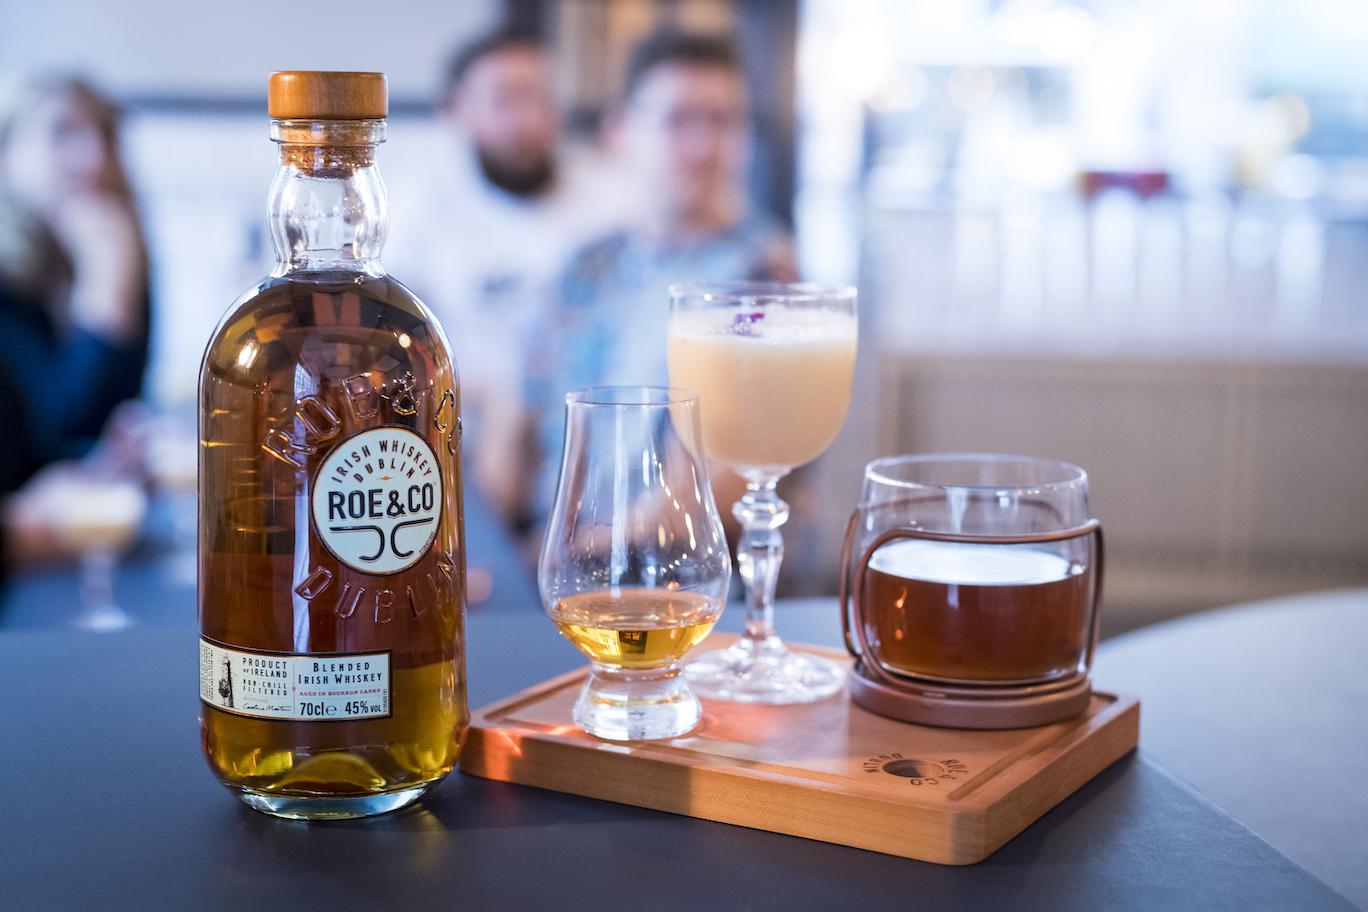 Til præsentationen af Roe & Co's nye whisky